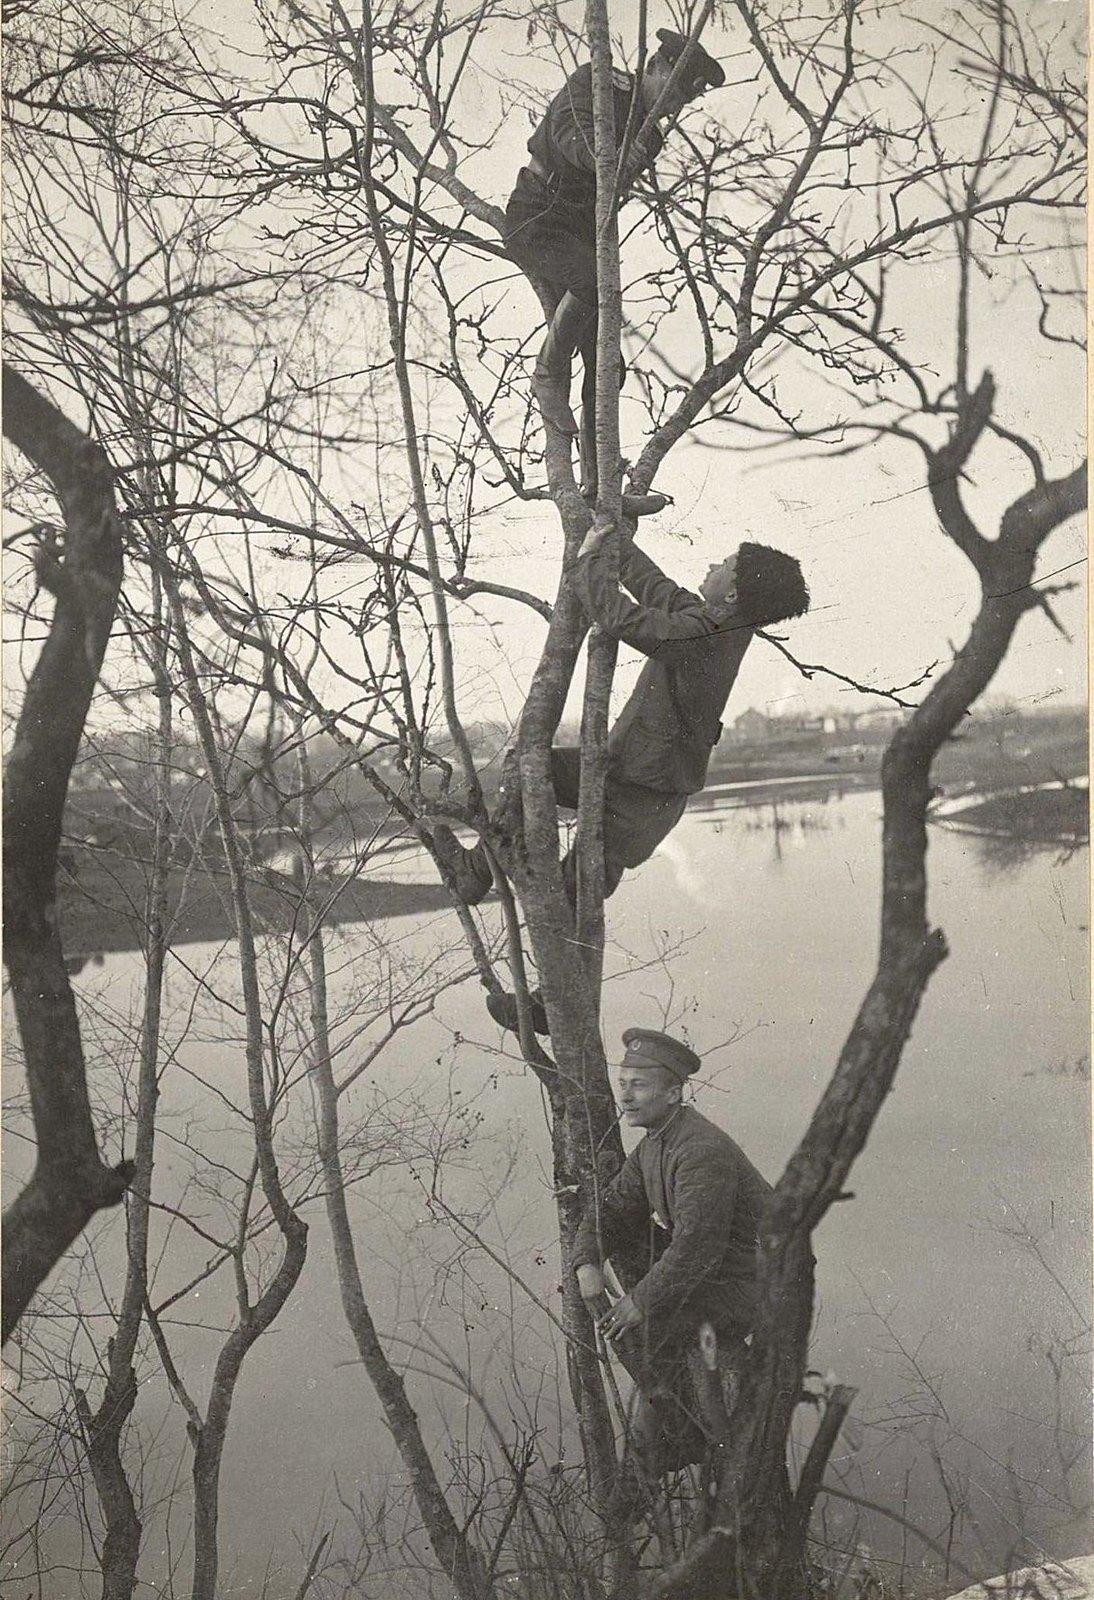 Трое военных на дереве